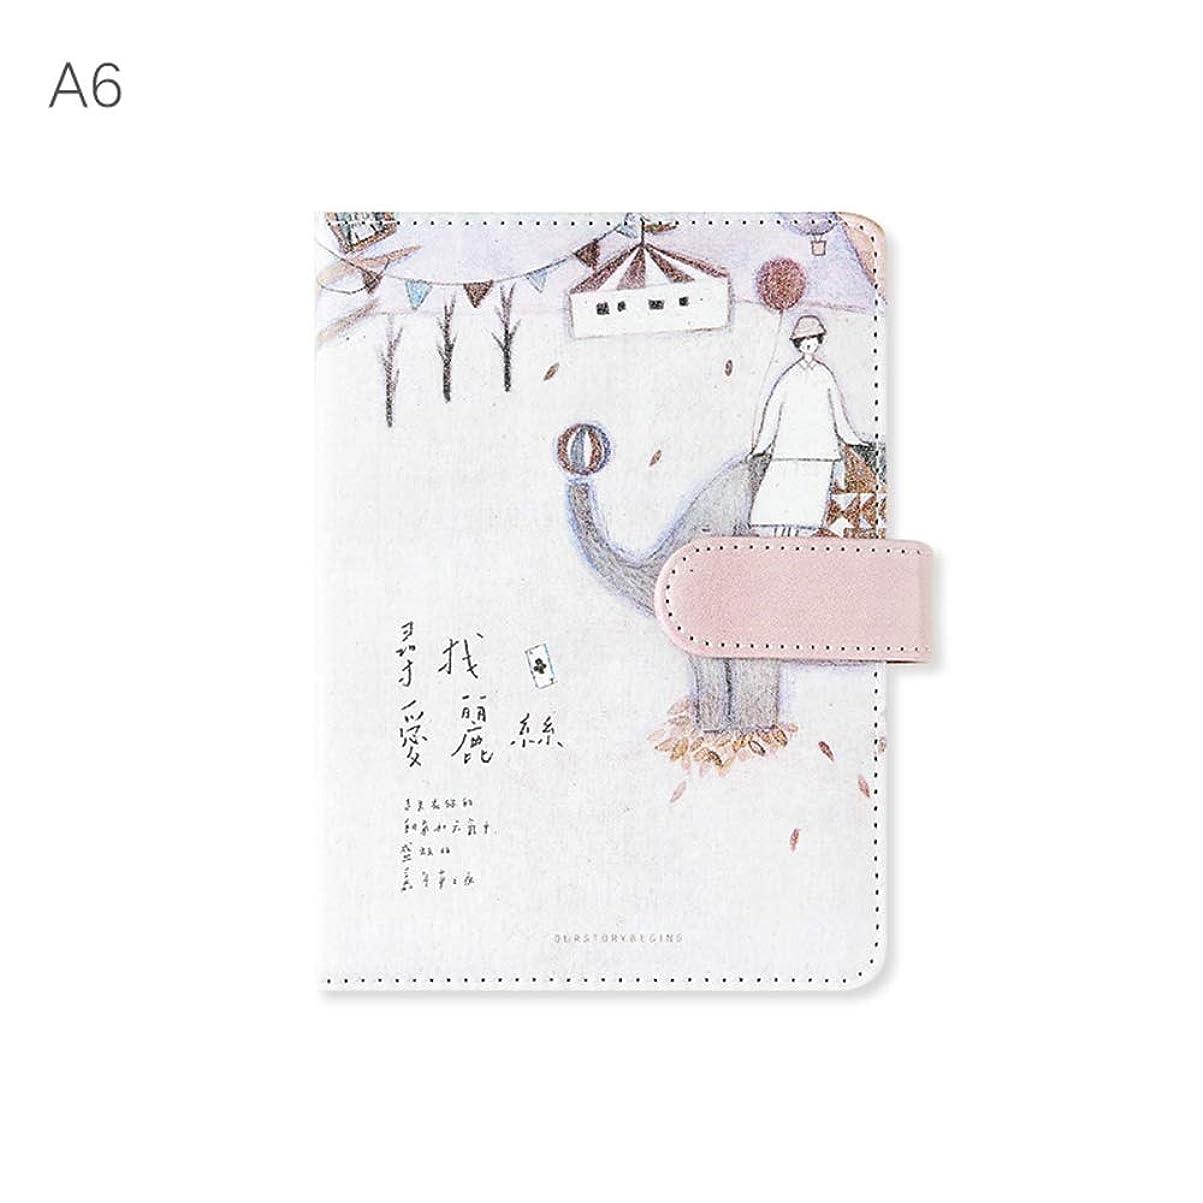 ノート,贈り物や個人的な使用に適した革磁気バックルクリエイティブカラーページのノートブック